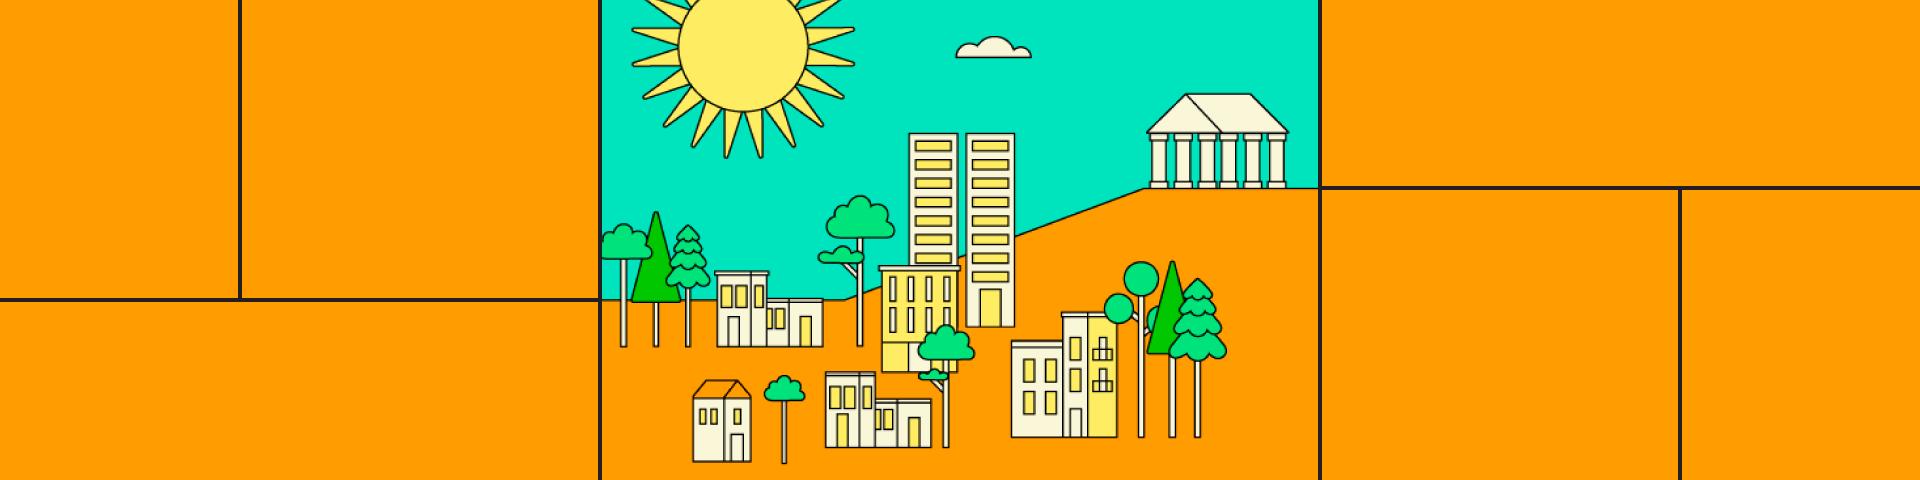 Μια πόλη, ένα οικοσύστημα! - Εικόνα